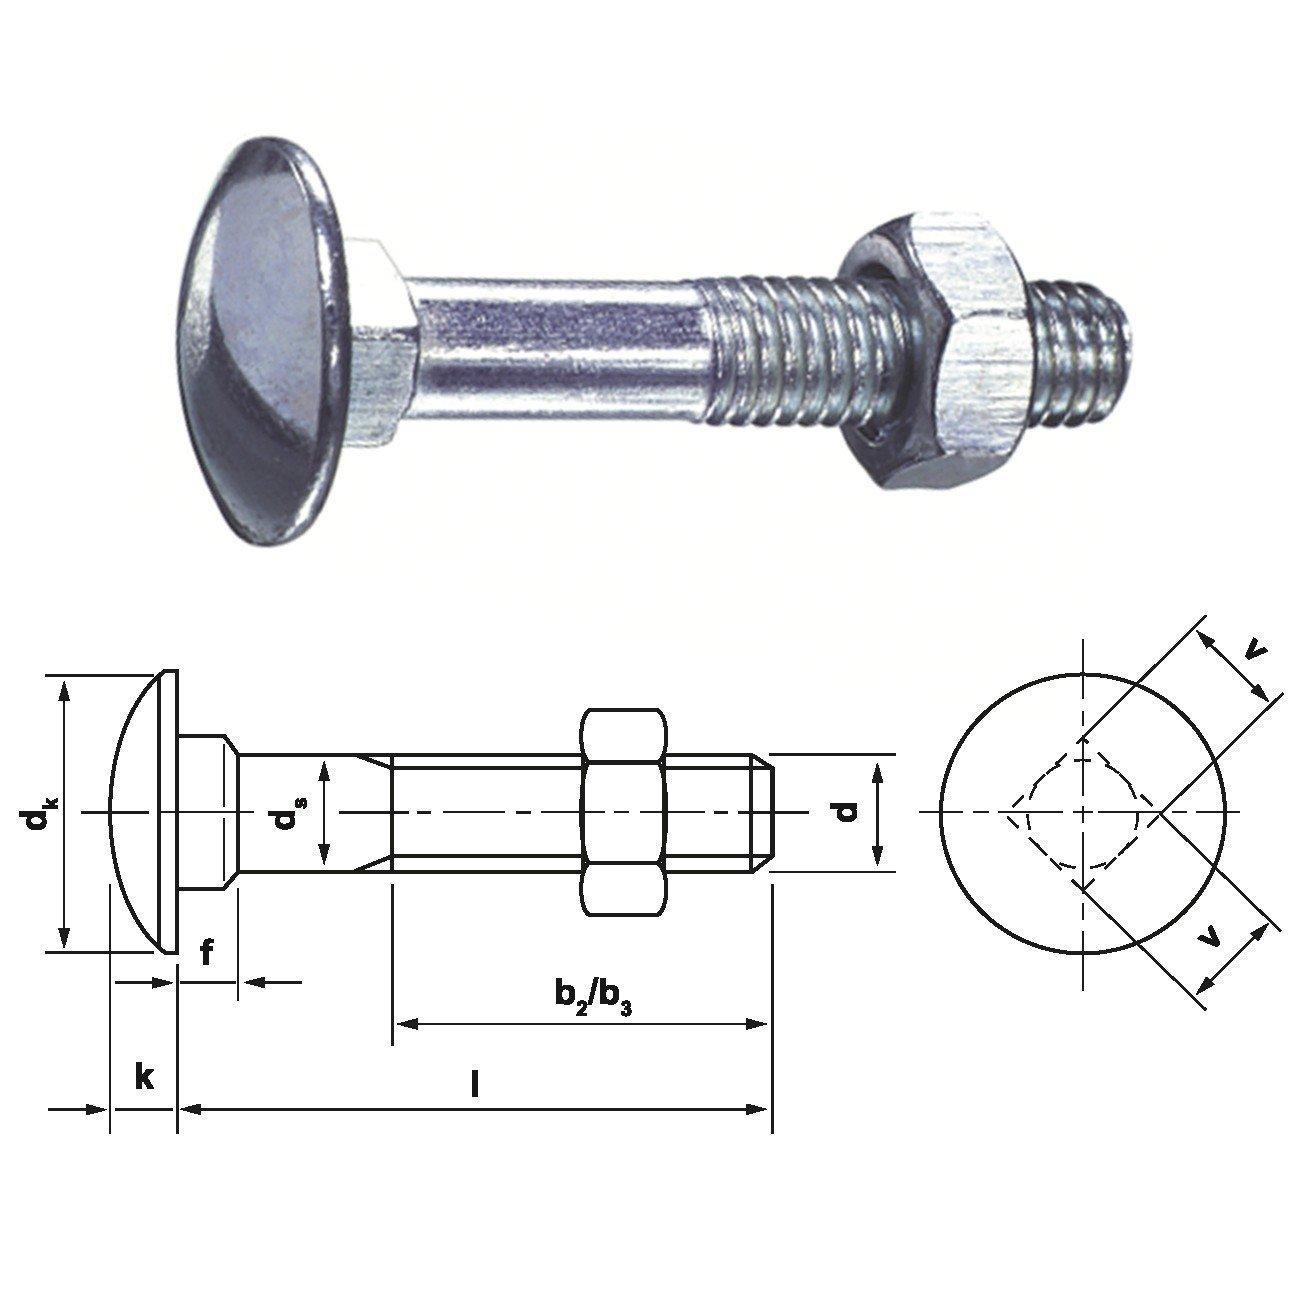 500 Tornillos de candado E-NORMpro –  Tornillo (DIN 603 galvanizado, 6 x 30 6x 30 Dresselhaus